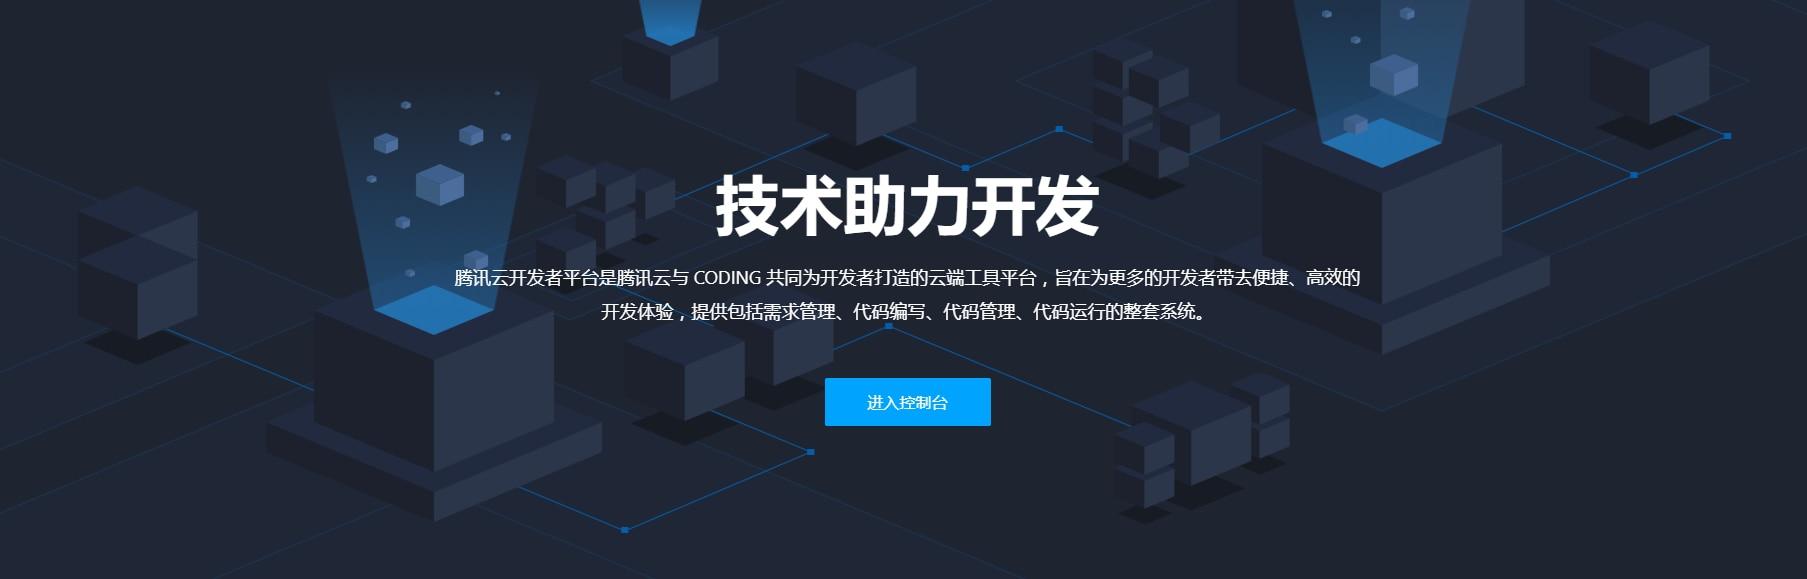 腾讯云开发者平台 : Cloud Studio 免费一键部署搭建WordPress教程